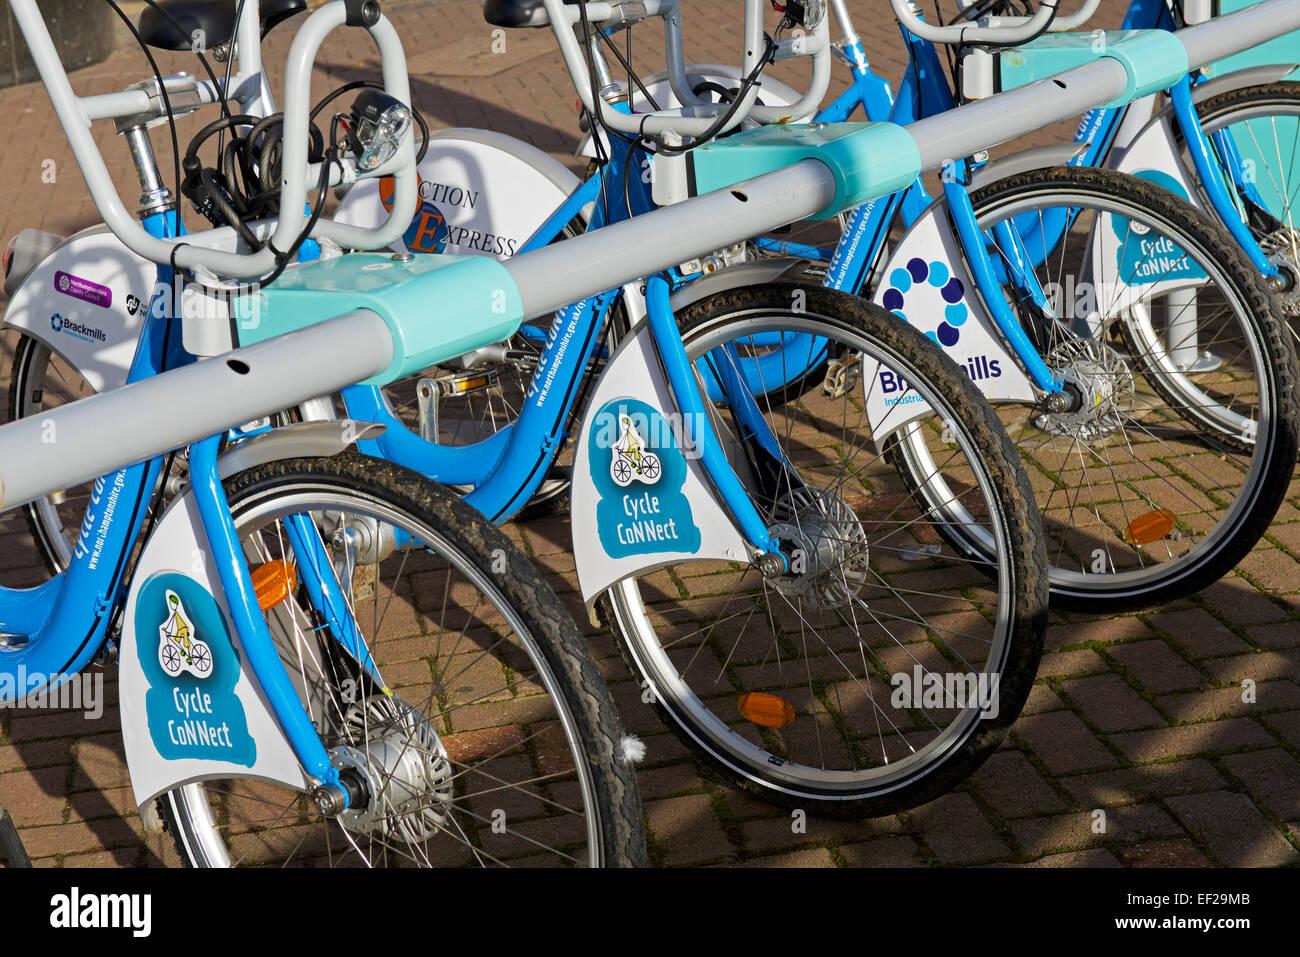 Servicio de alquiler de bicicletas en el ciclo Conectar scheme, Northampton, Northamptonshire, Inglaterra Imagen De Stock